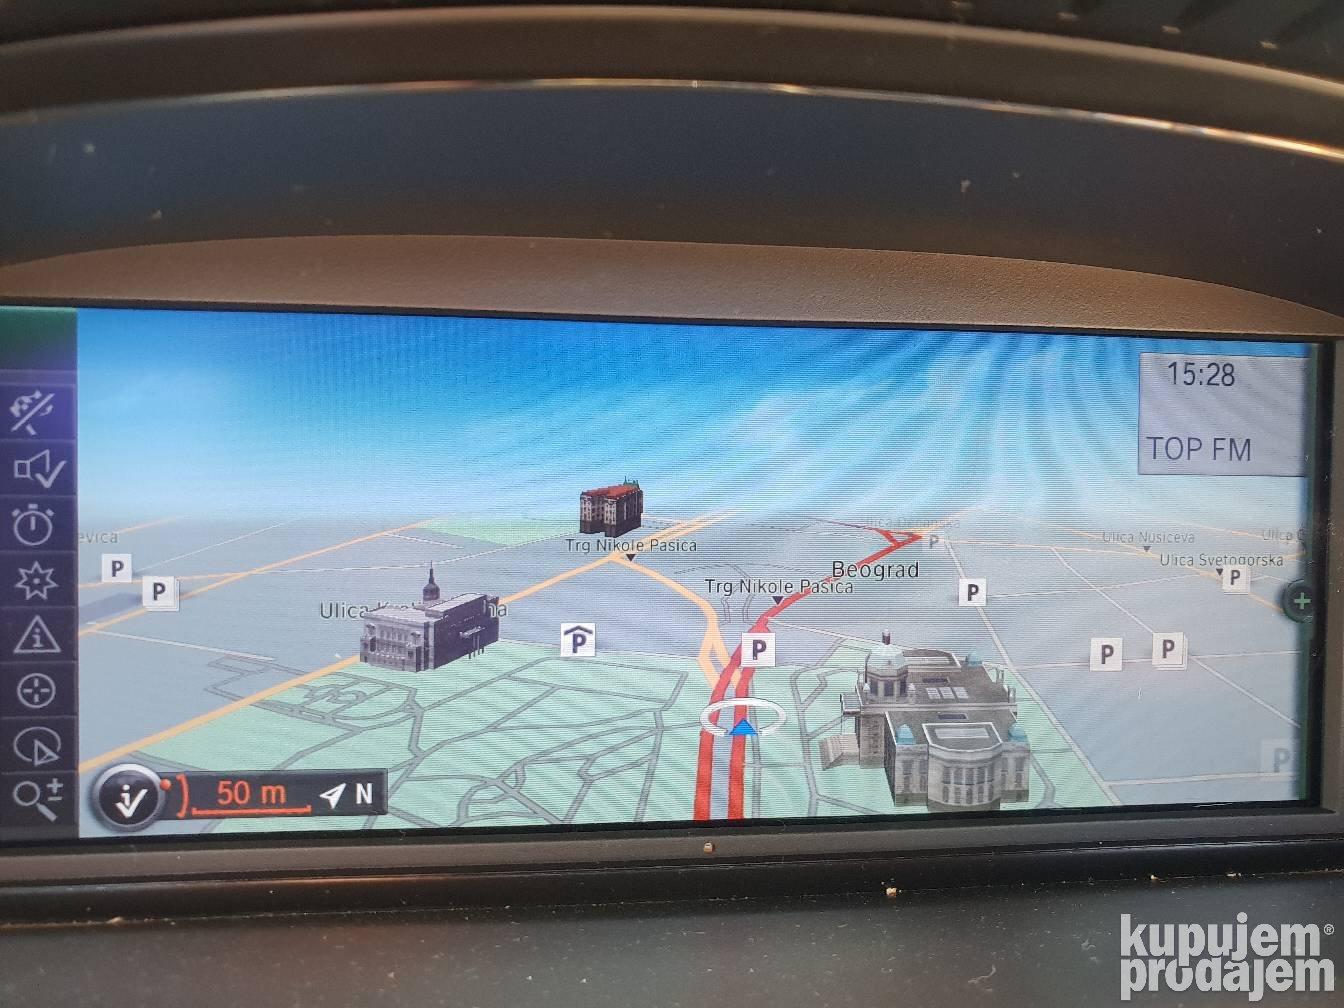 Automobili Oprema Gps Auto Navigacije Mape 2020 Karta 12 04